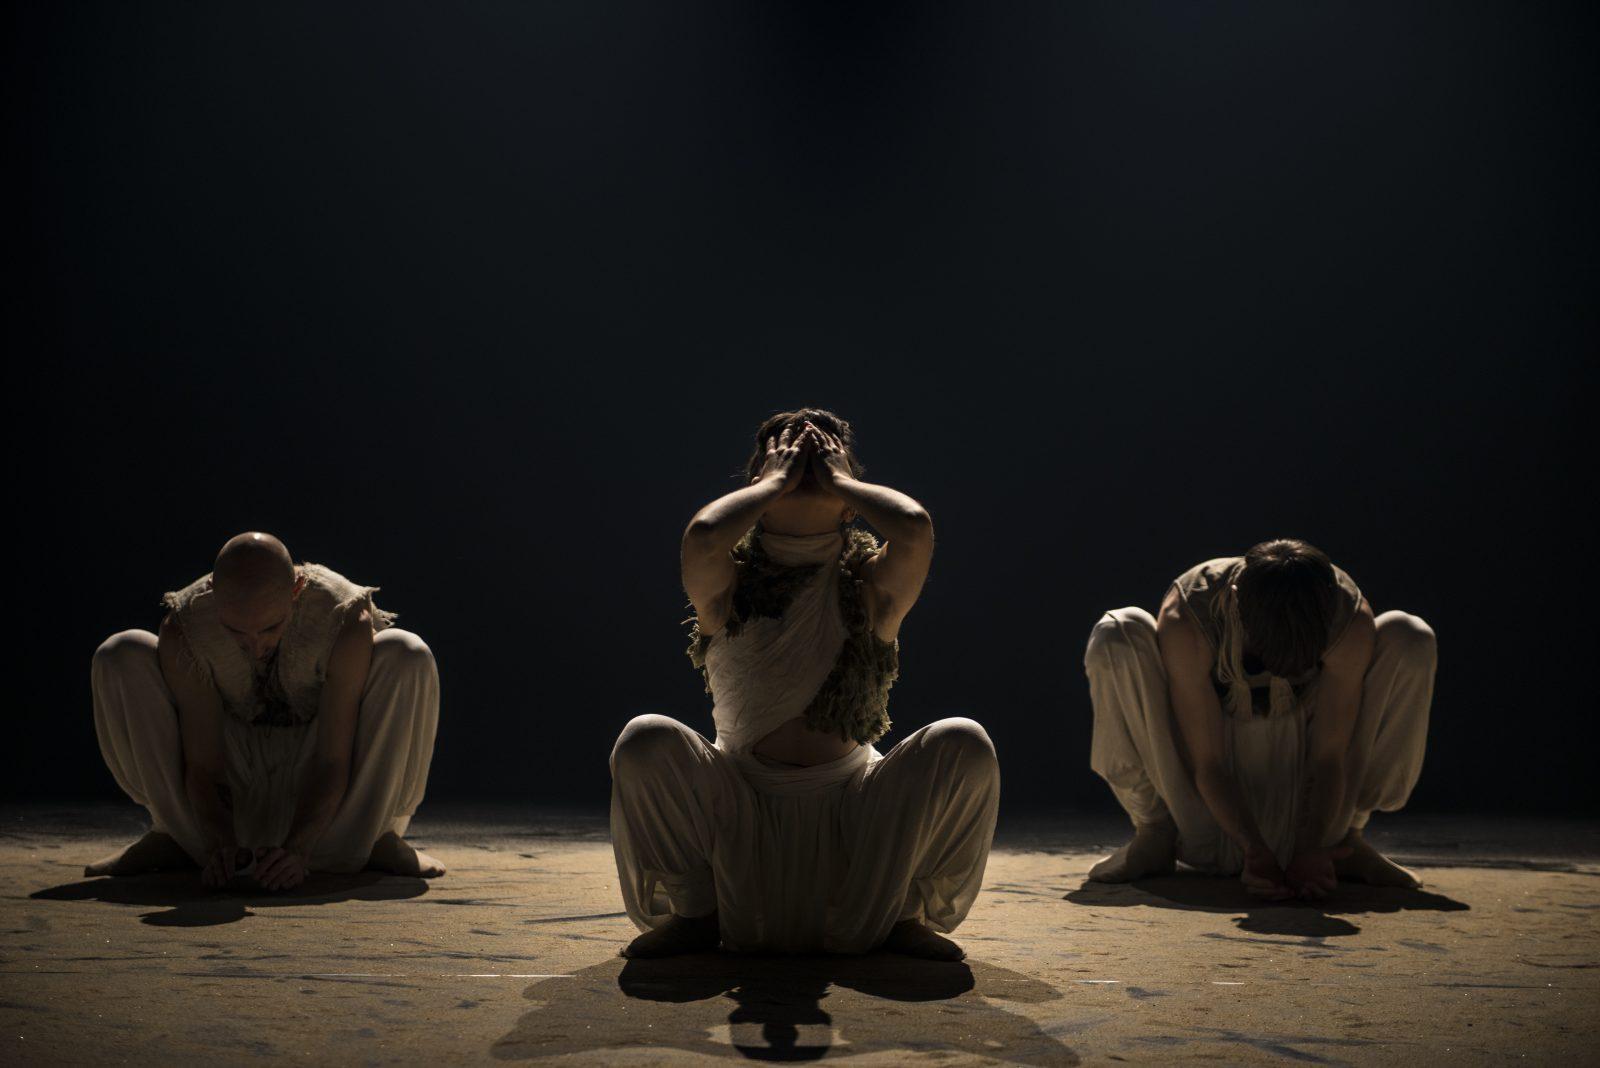 La danse utilisée pour susciter une réflexion sur l'humain